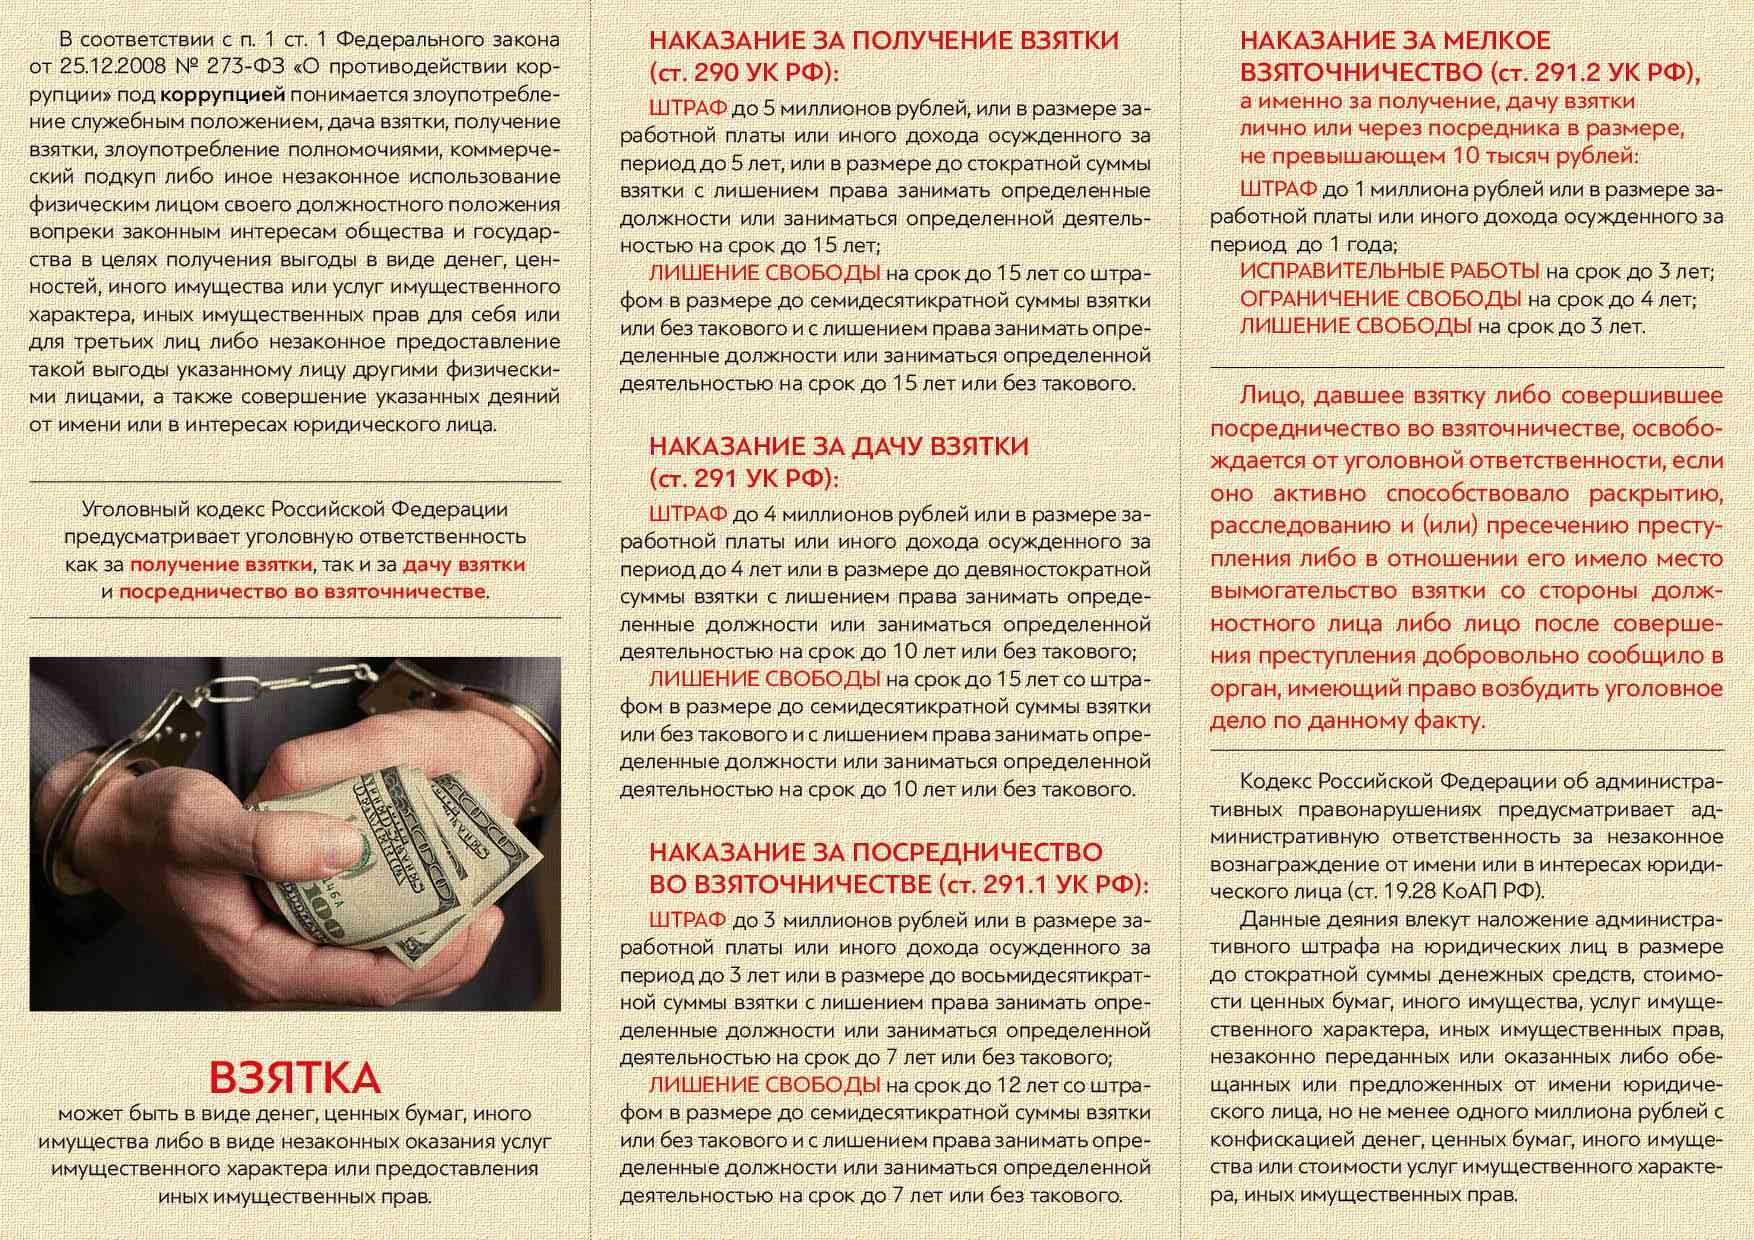 памятка по коррупции